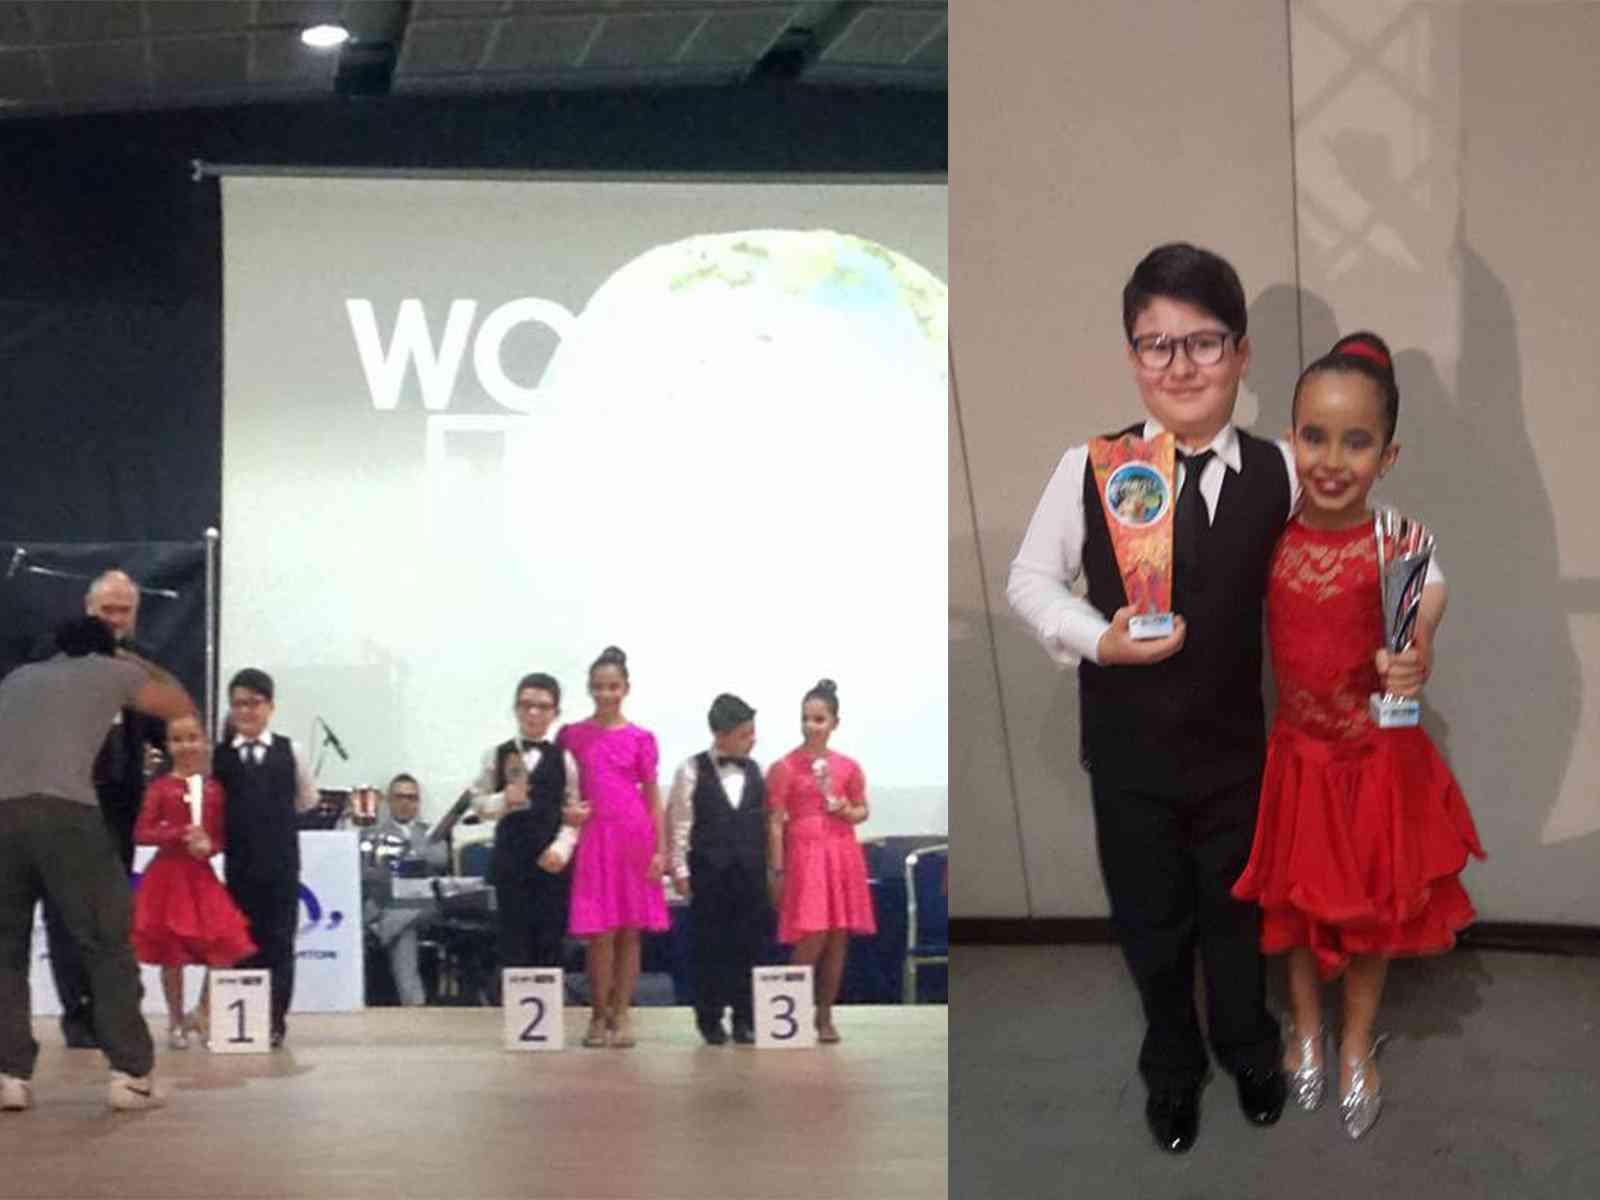 Menfi. Ballo. I giovanissimi Buscemi e Balistreri vincono al World Dance Festival 2016